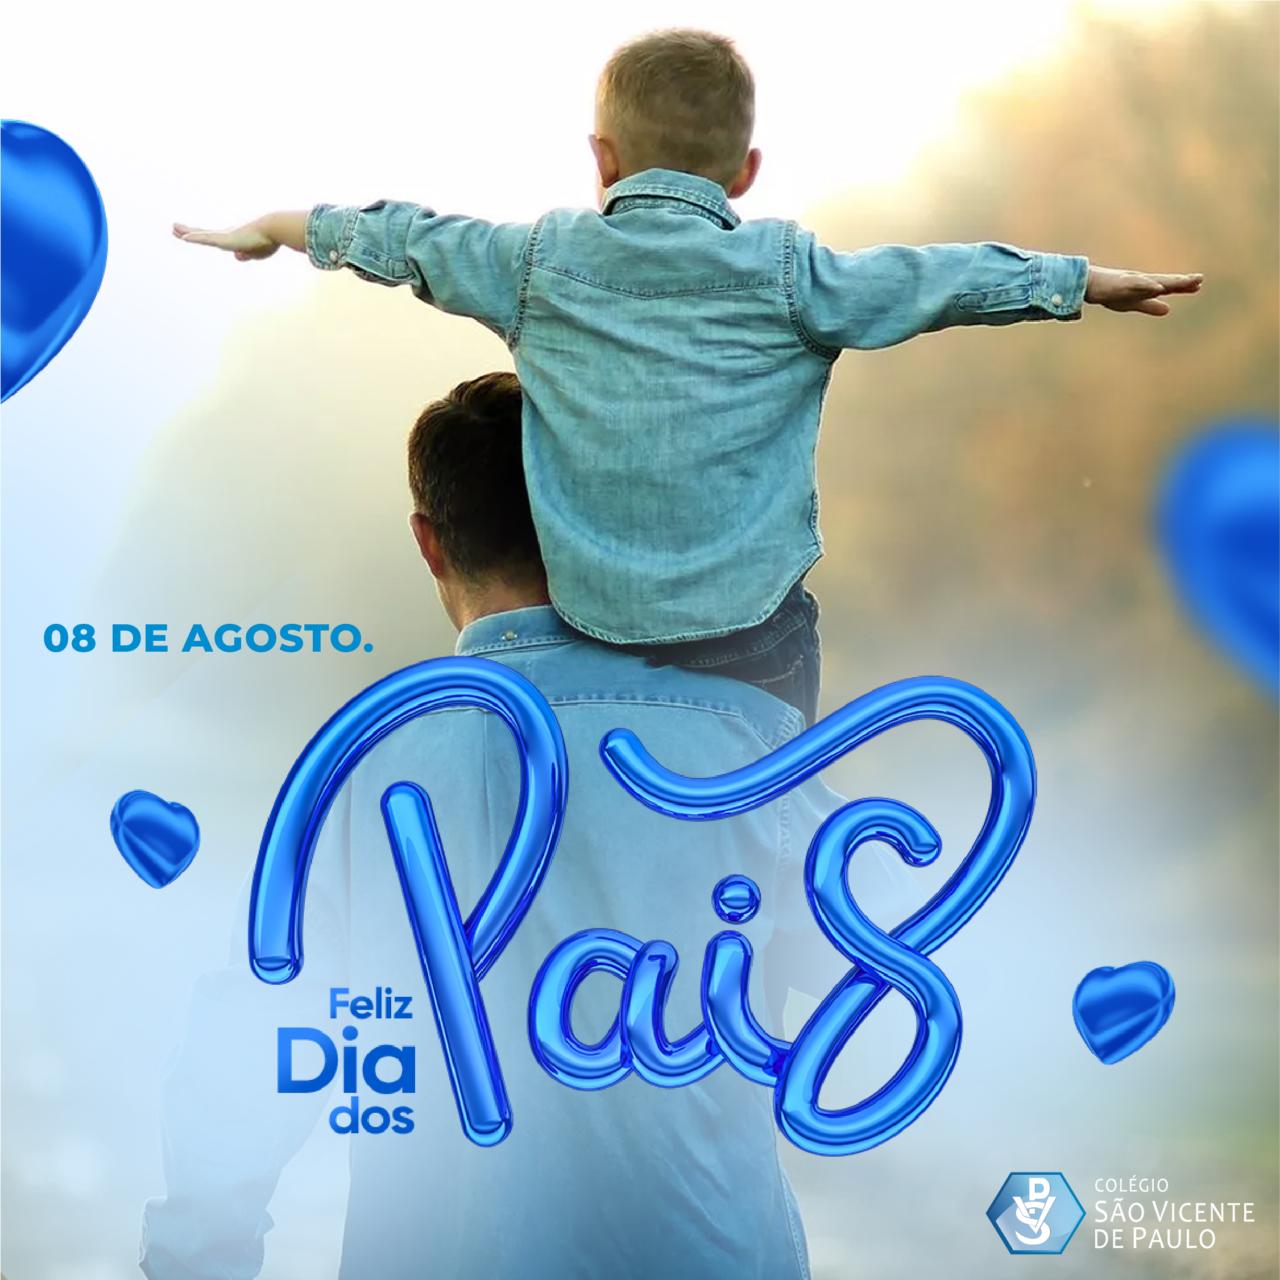 Dia-dos-Pais-02-1280x1280.png